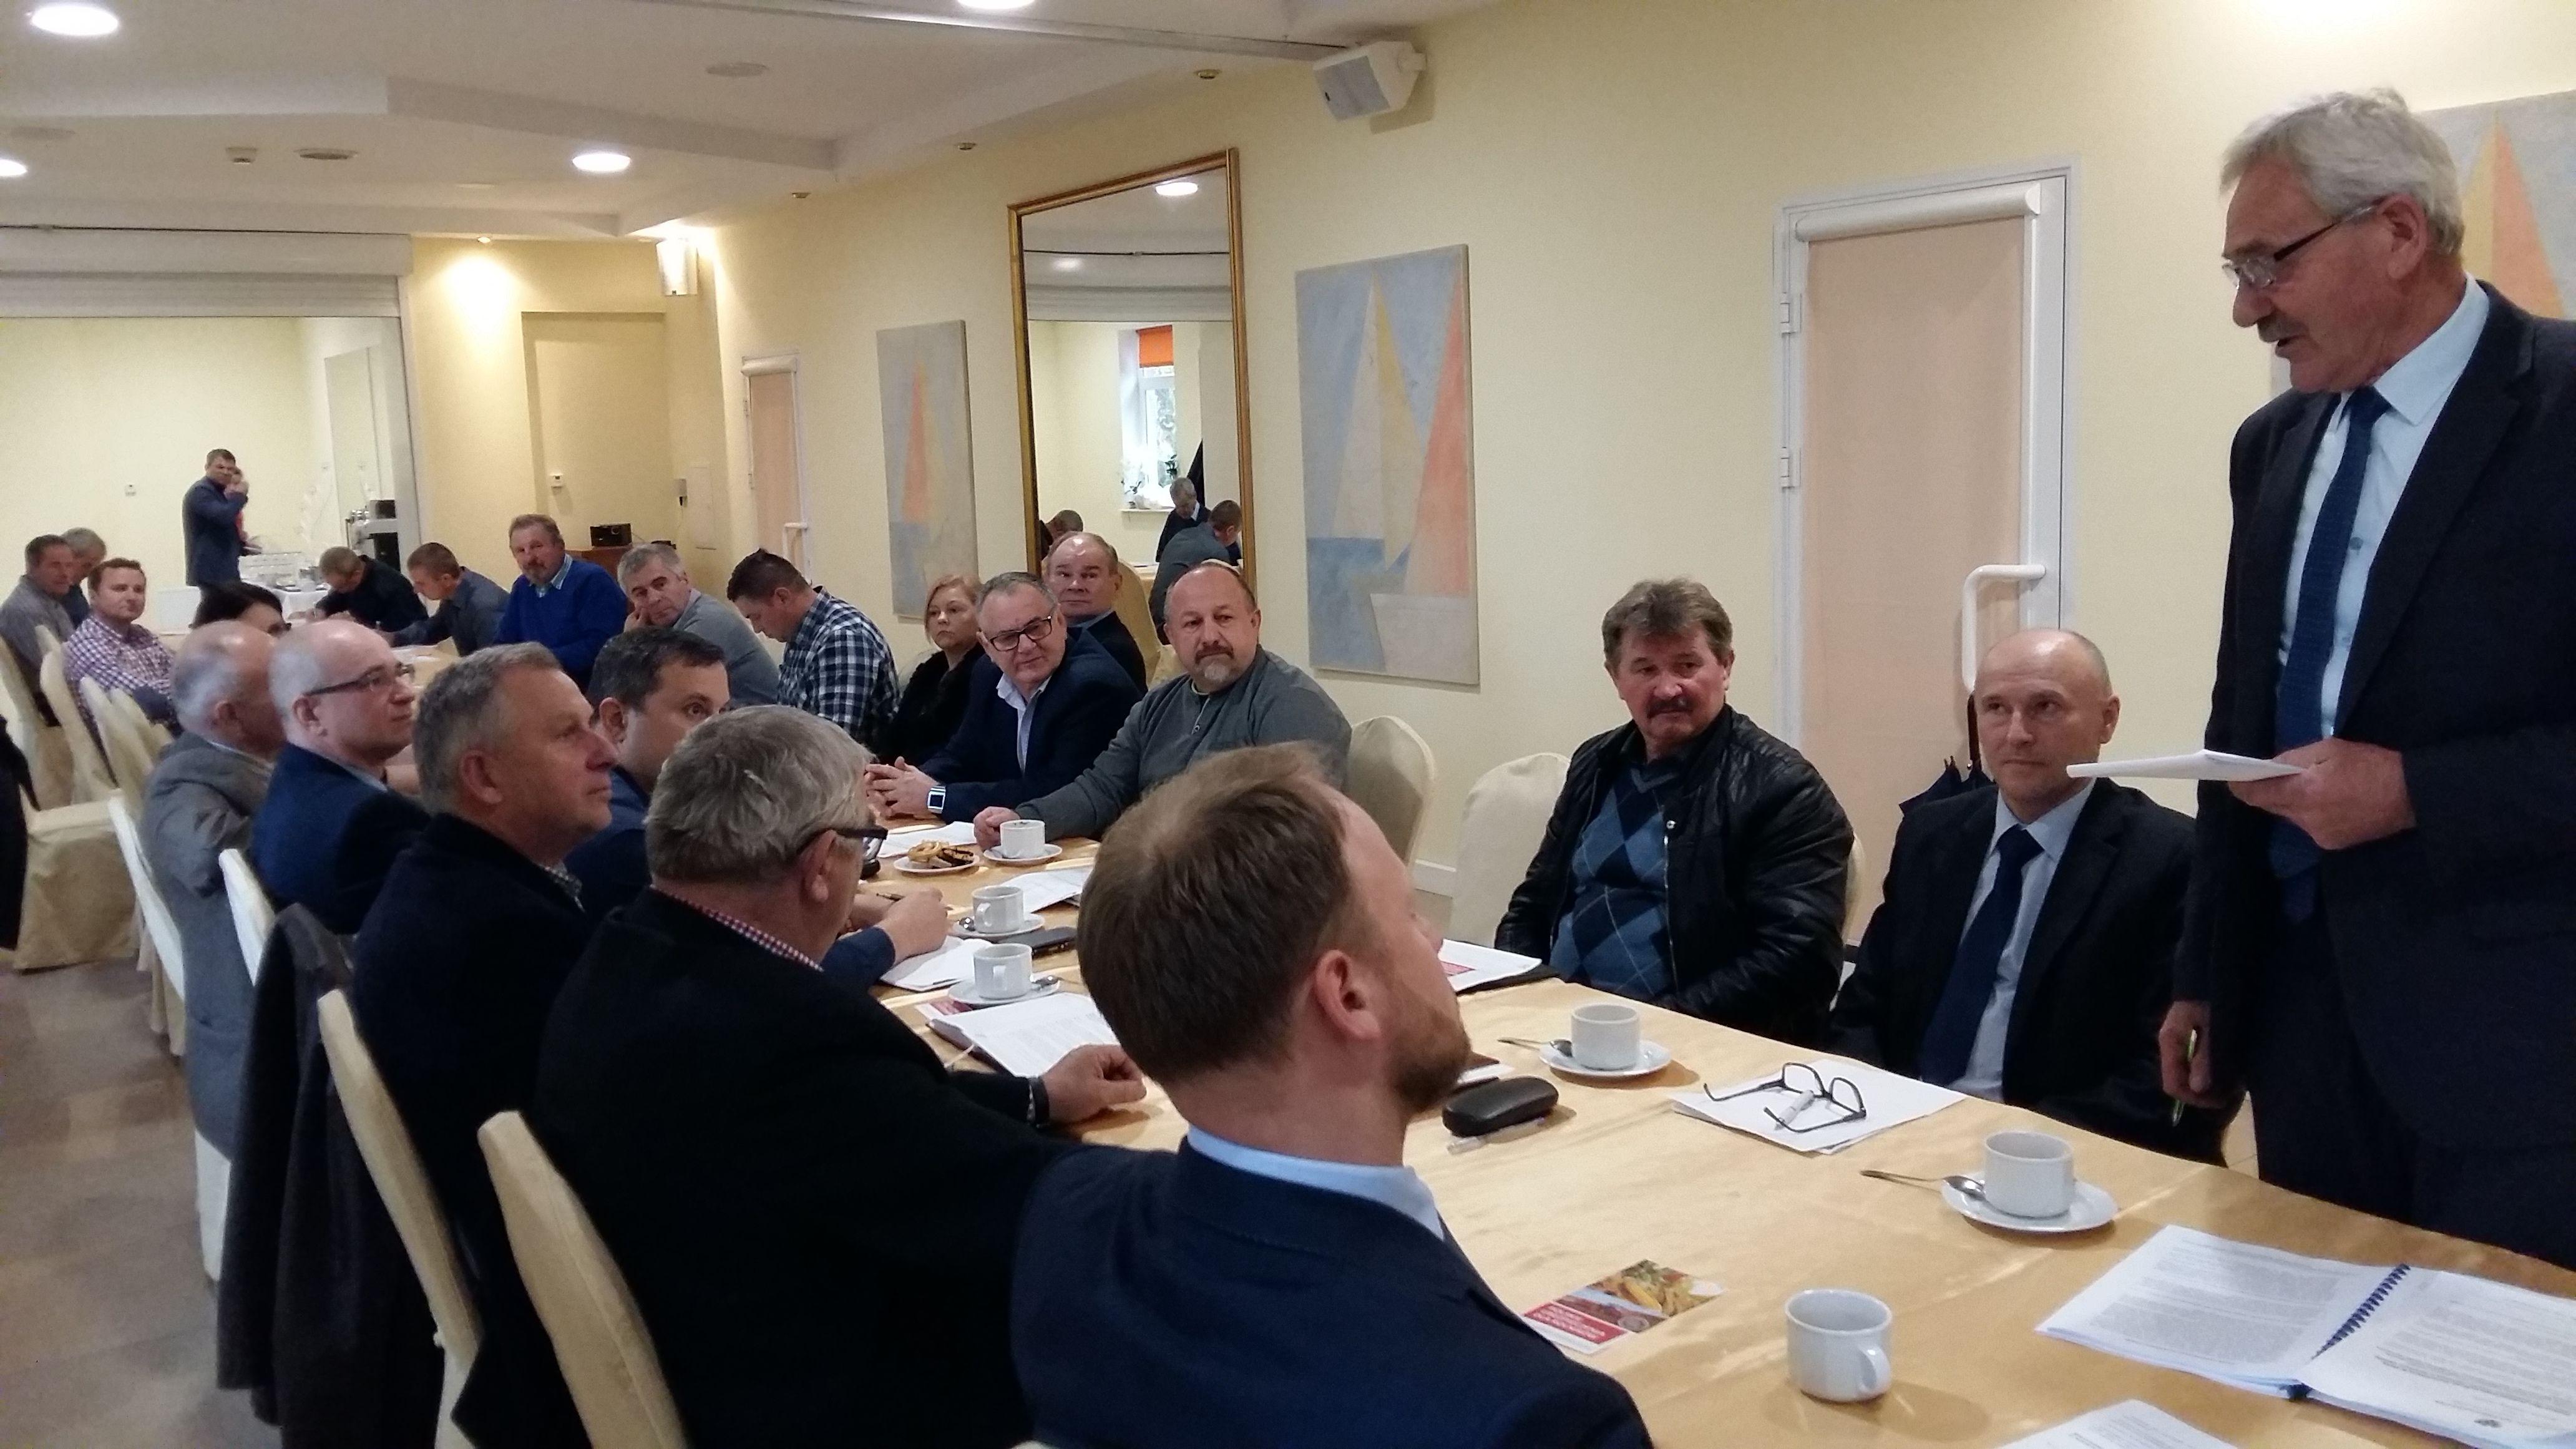 Wspólne posiedzenie Rad Powiatowych W-MIR